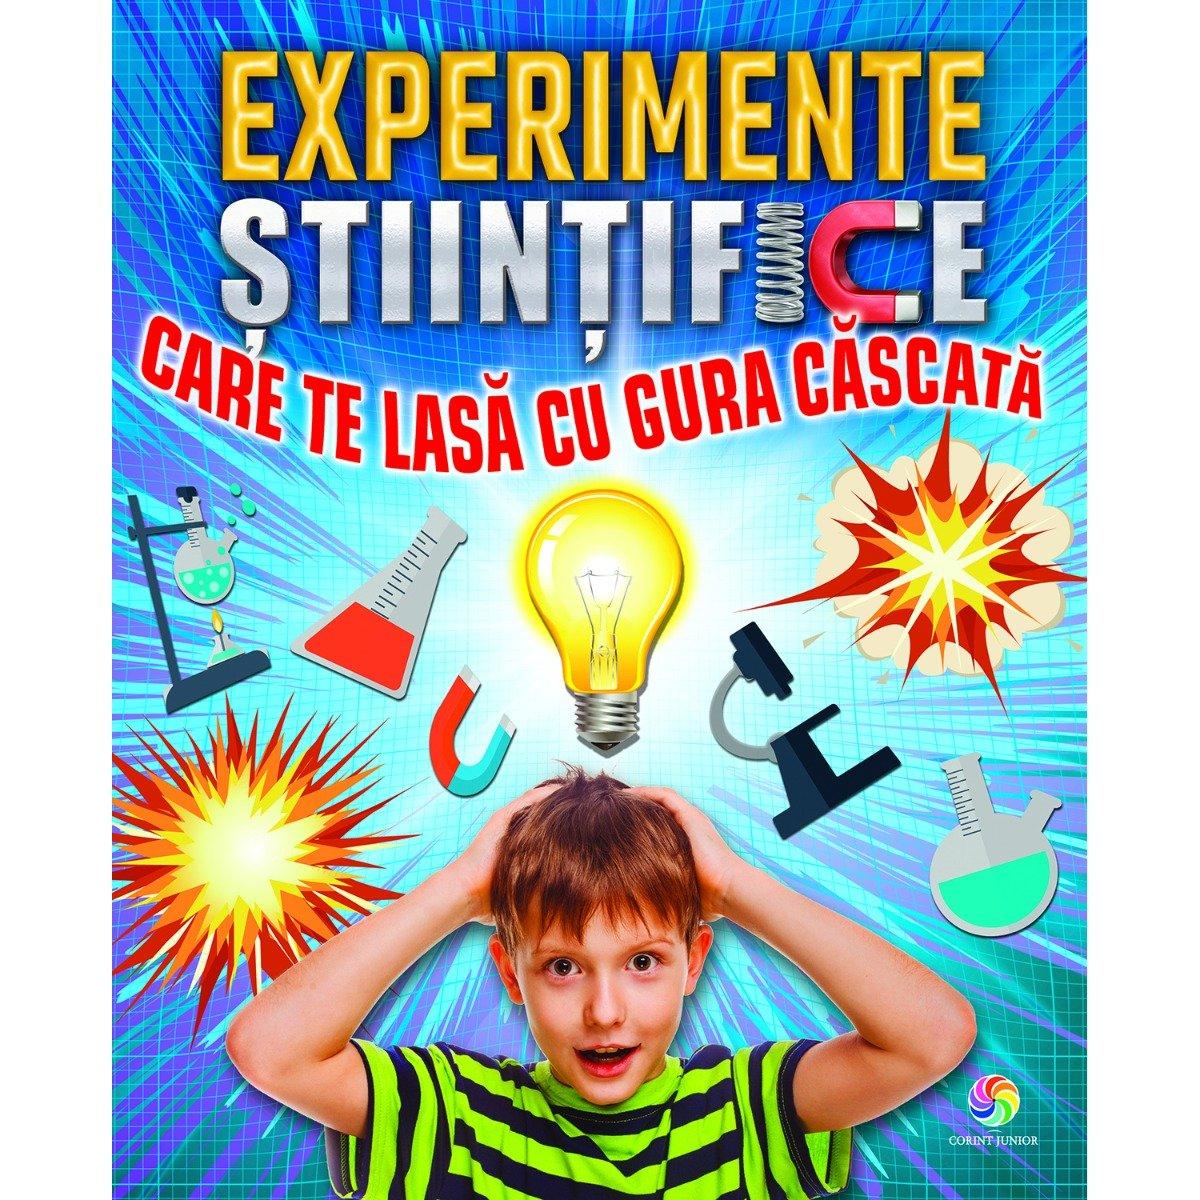 Carte Editura Corint, Experimente stiintifice care te lasa cu gura cascata, Thomas Canavan